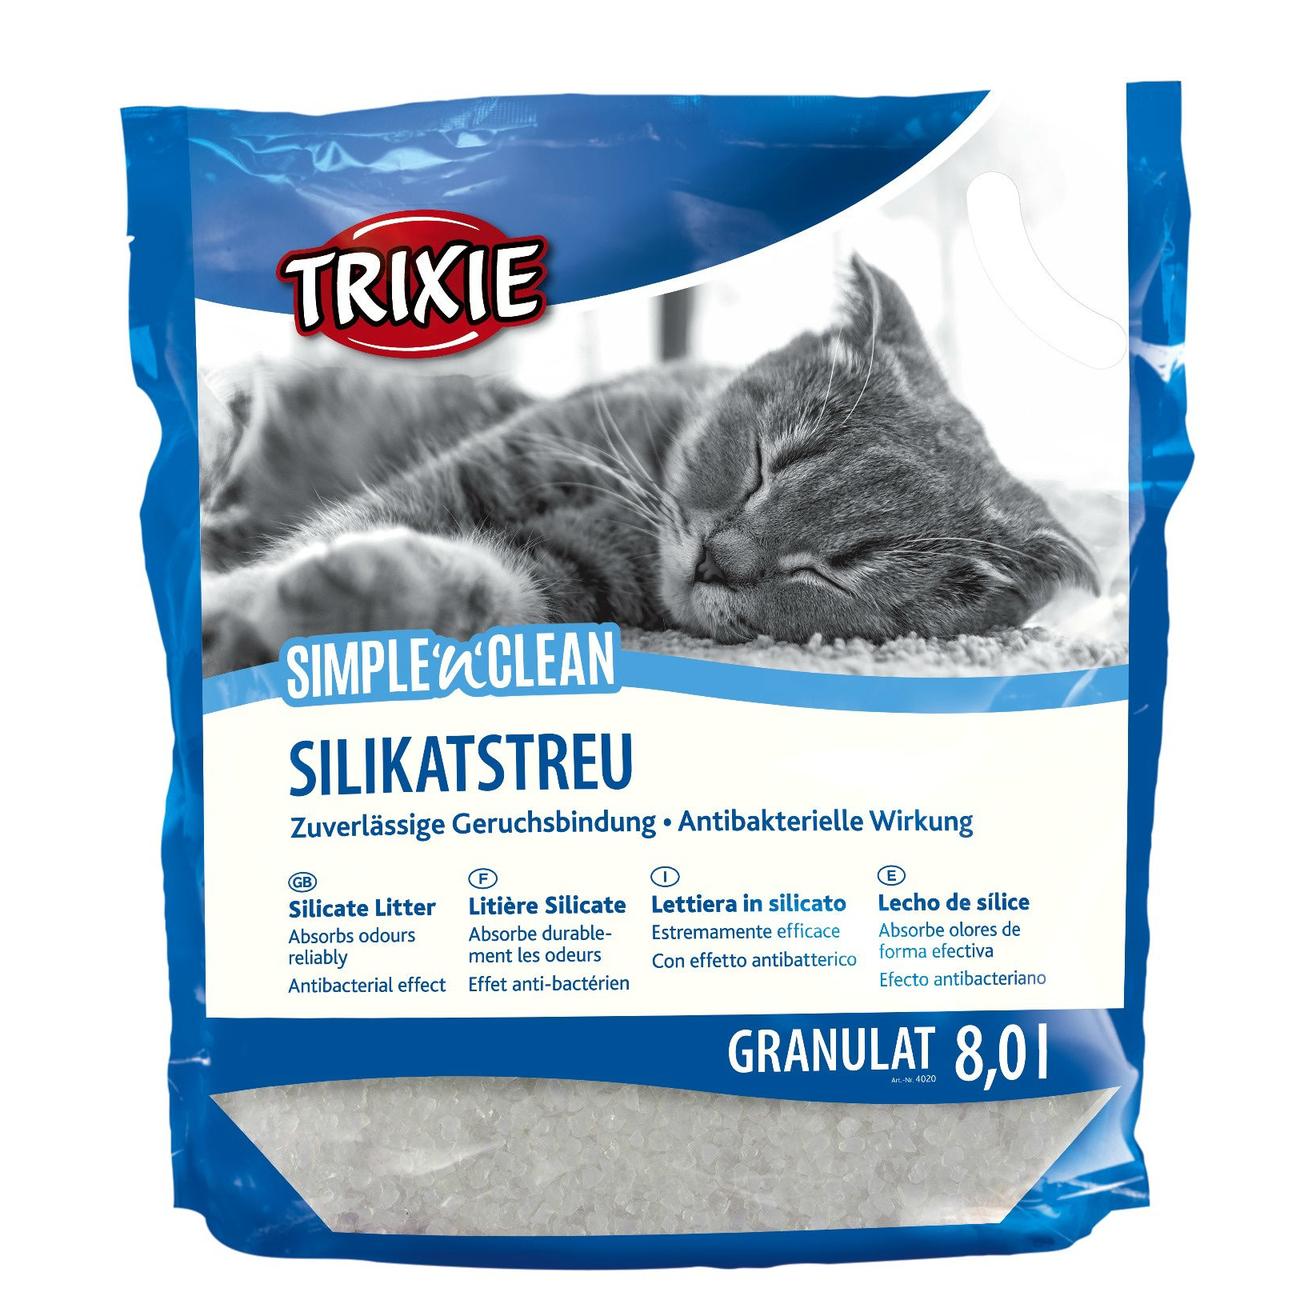 TRIXIE Katzenstreu Fresh 'n' Easy Granulat 4025, Bild 2